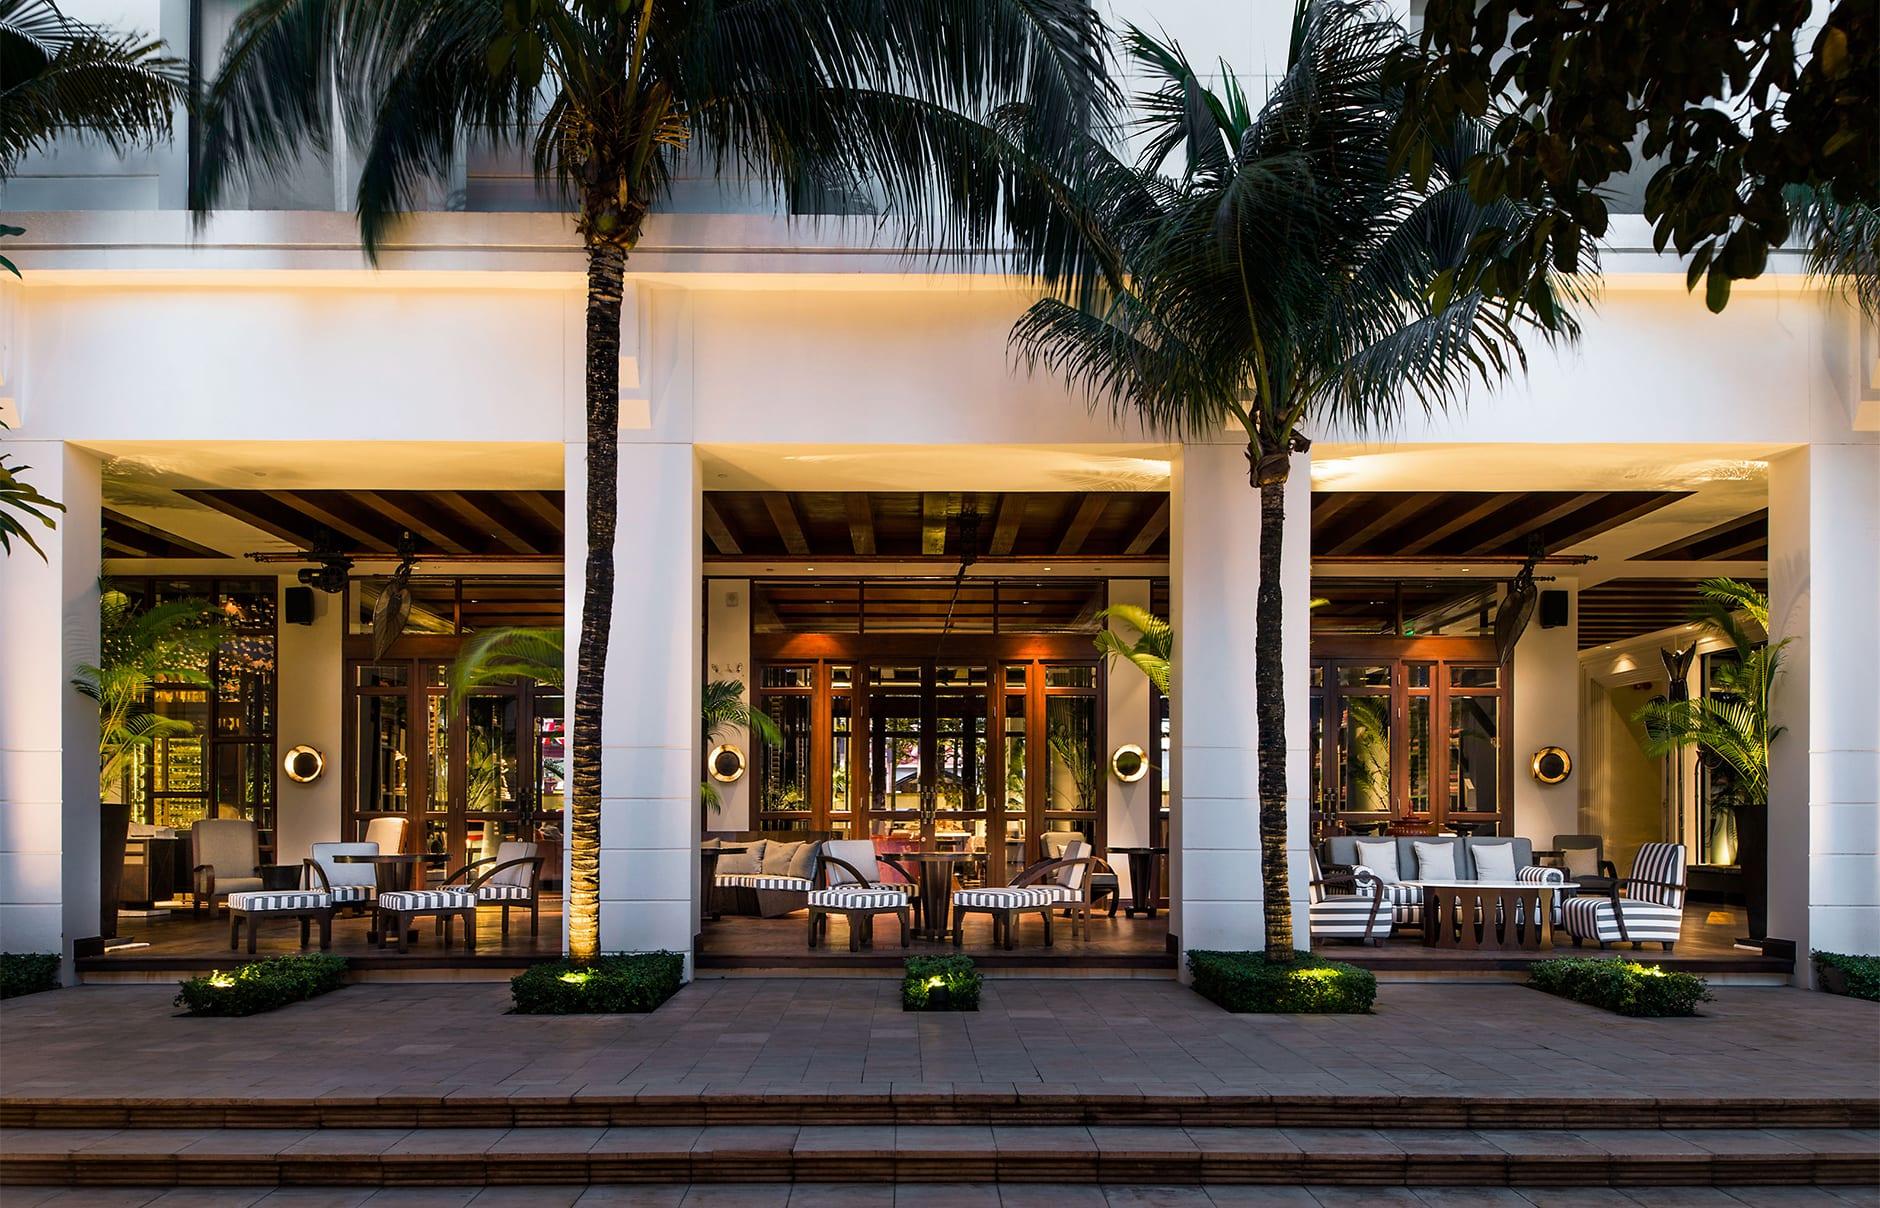 Park Hyatt Siem Reap, Cambodia. © Hyatt Corporation